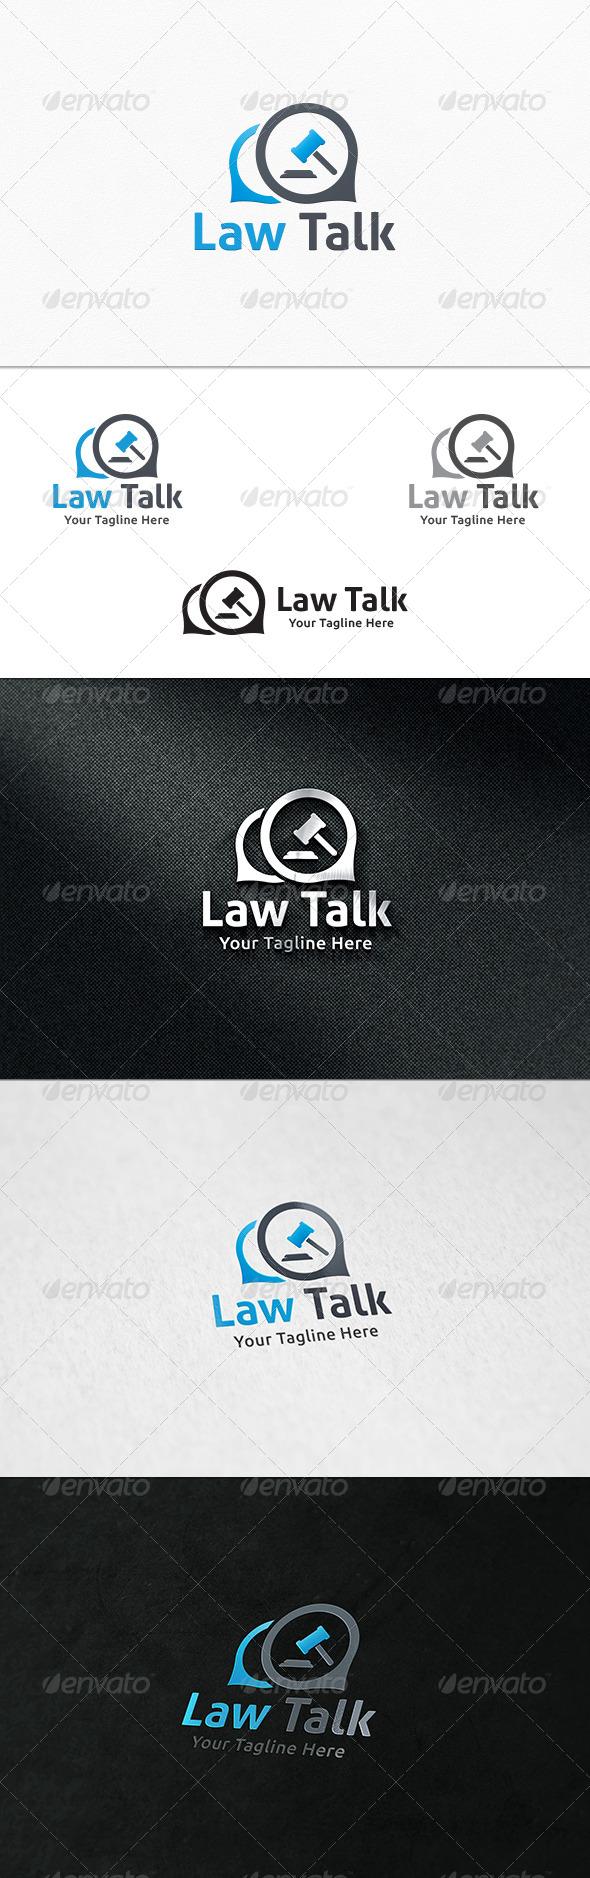 GraphicRiver Law Talk Logo Template 7883073